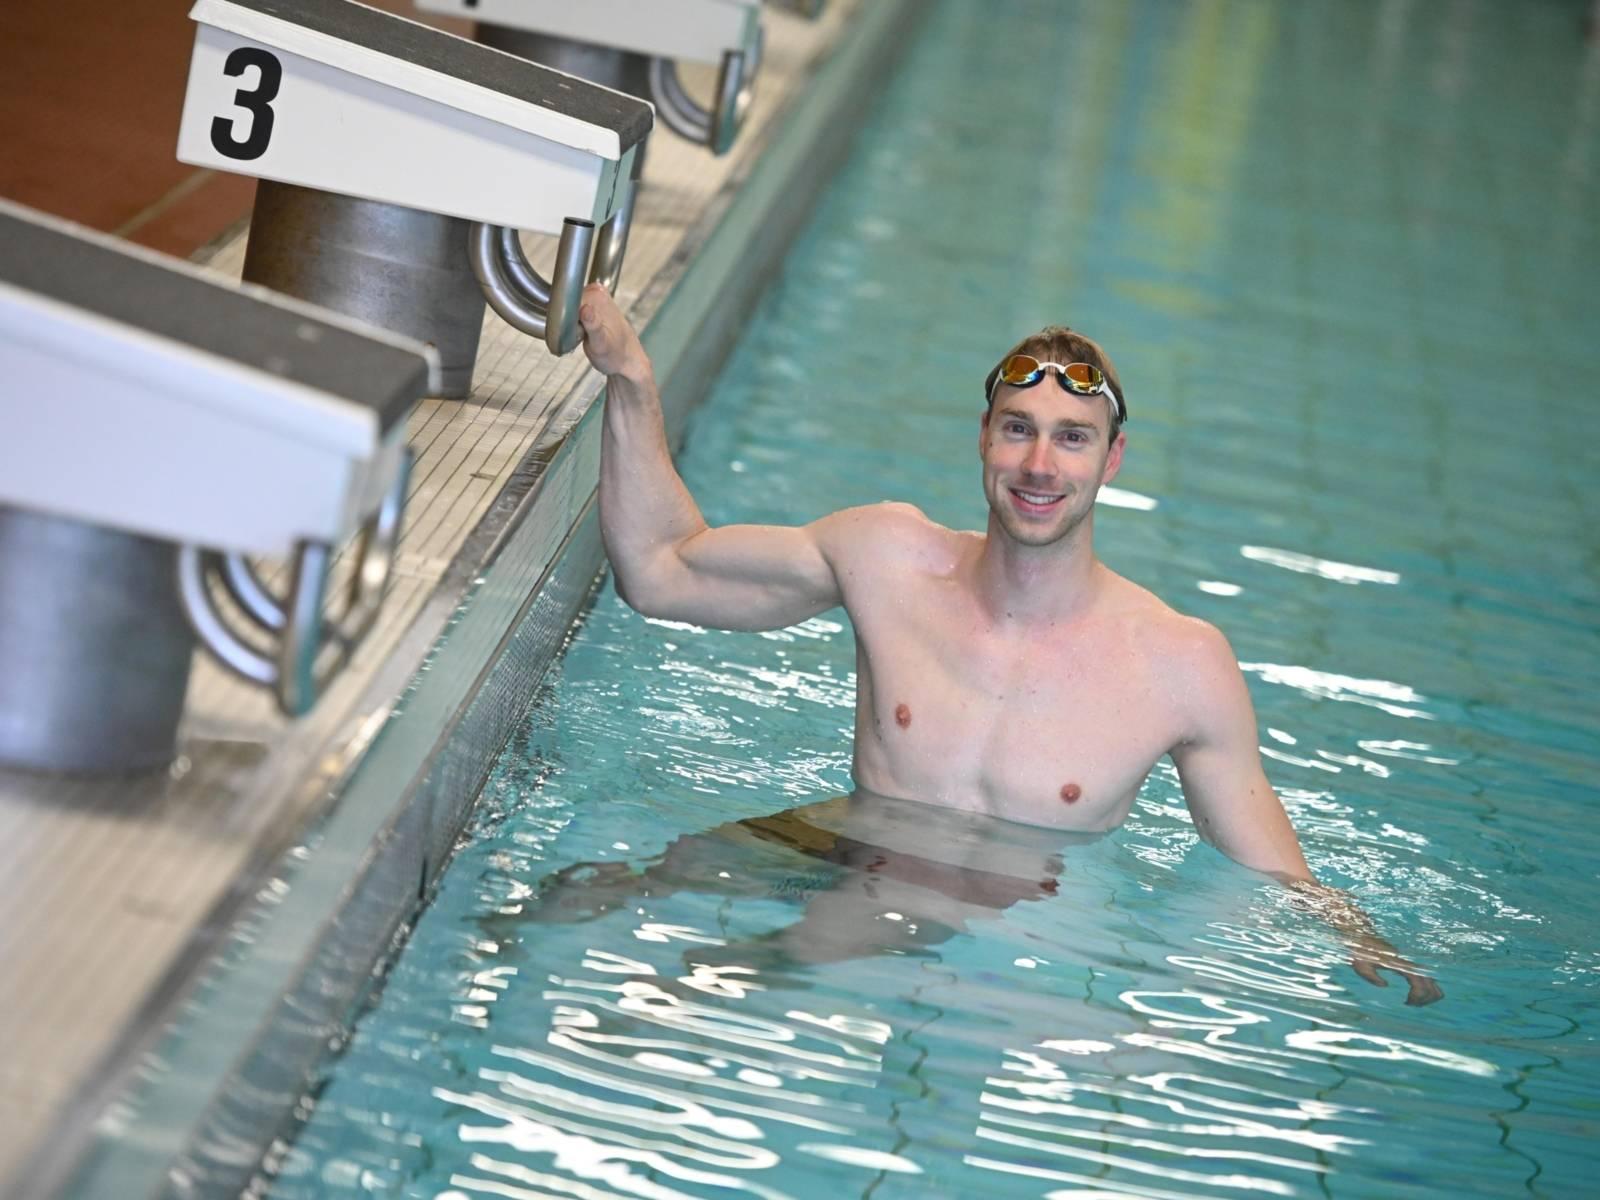 Mann einem Schwimmbecken.